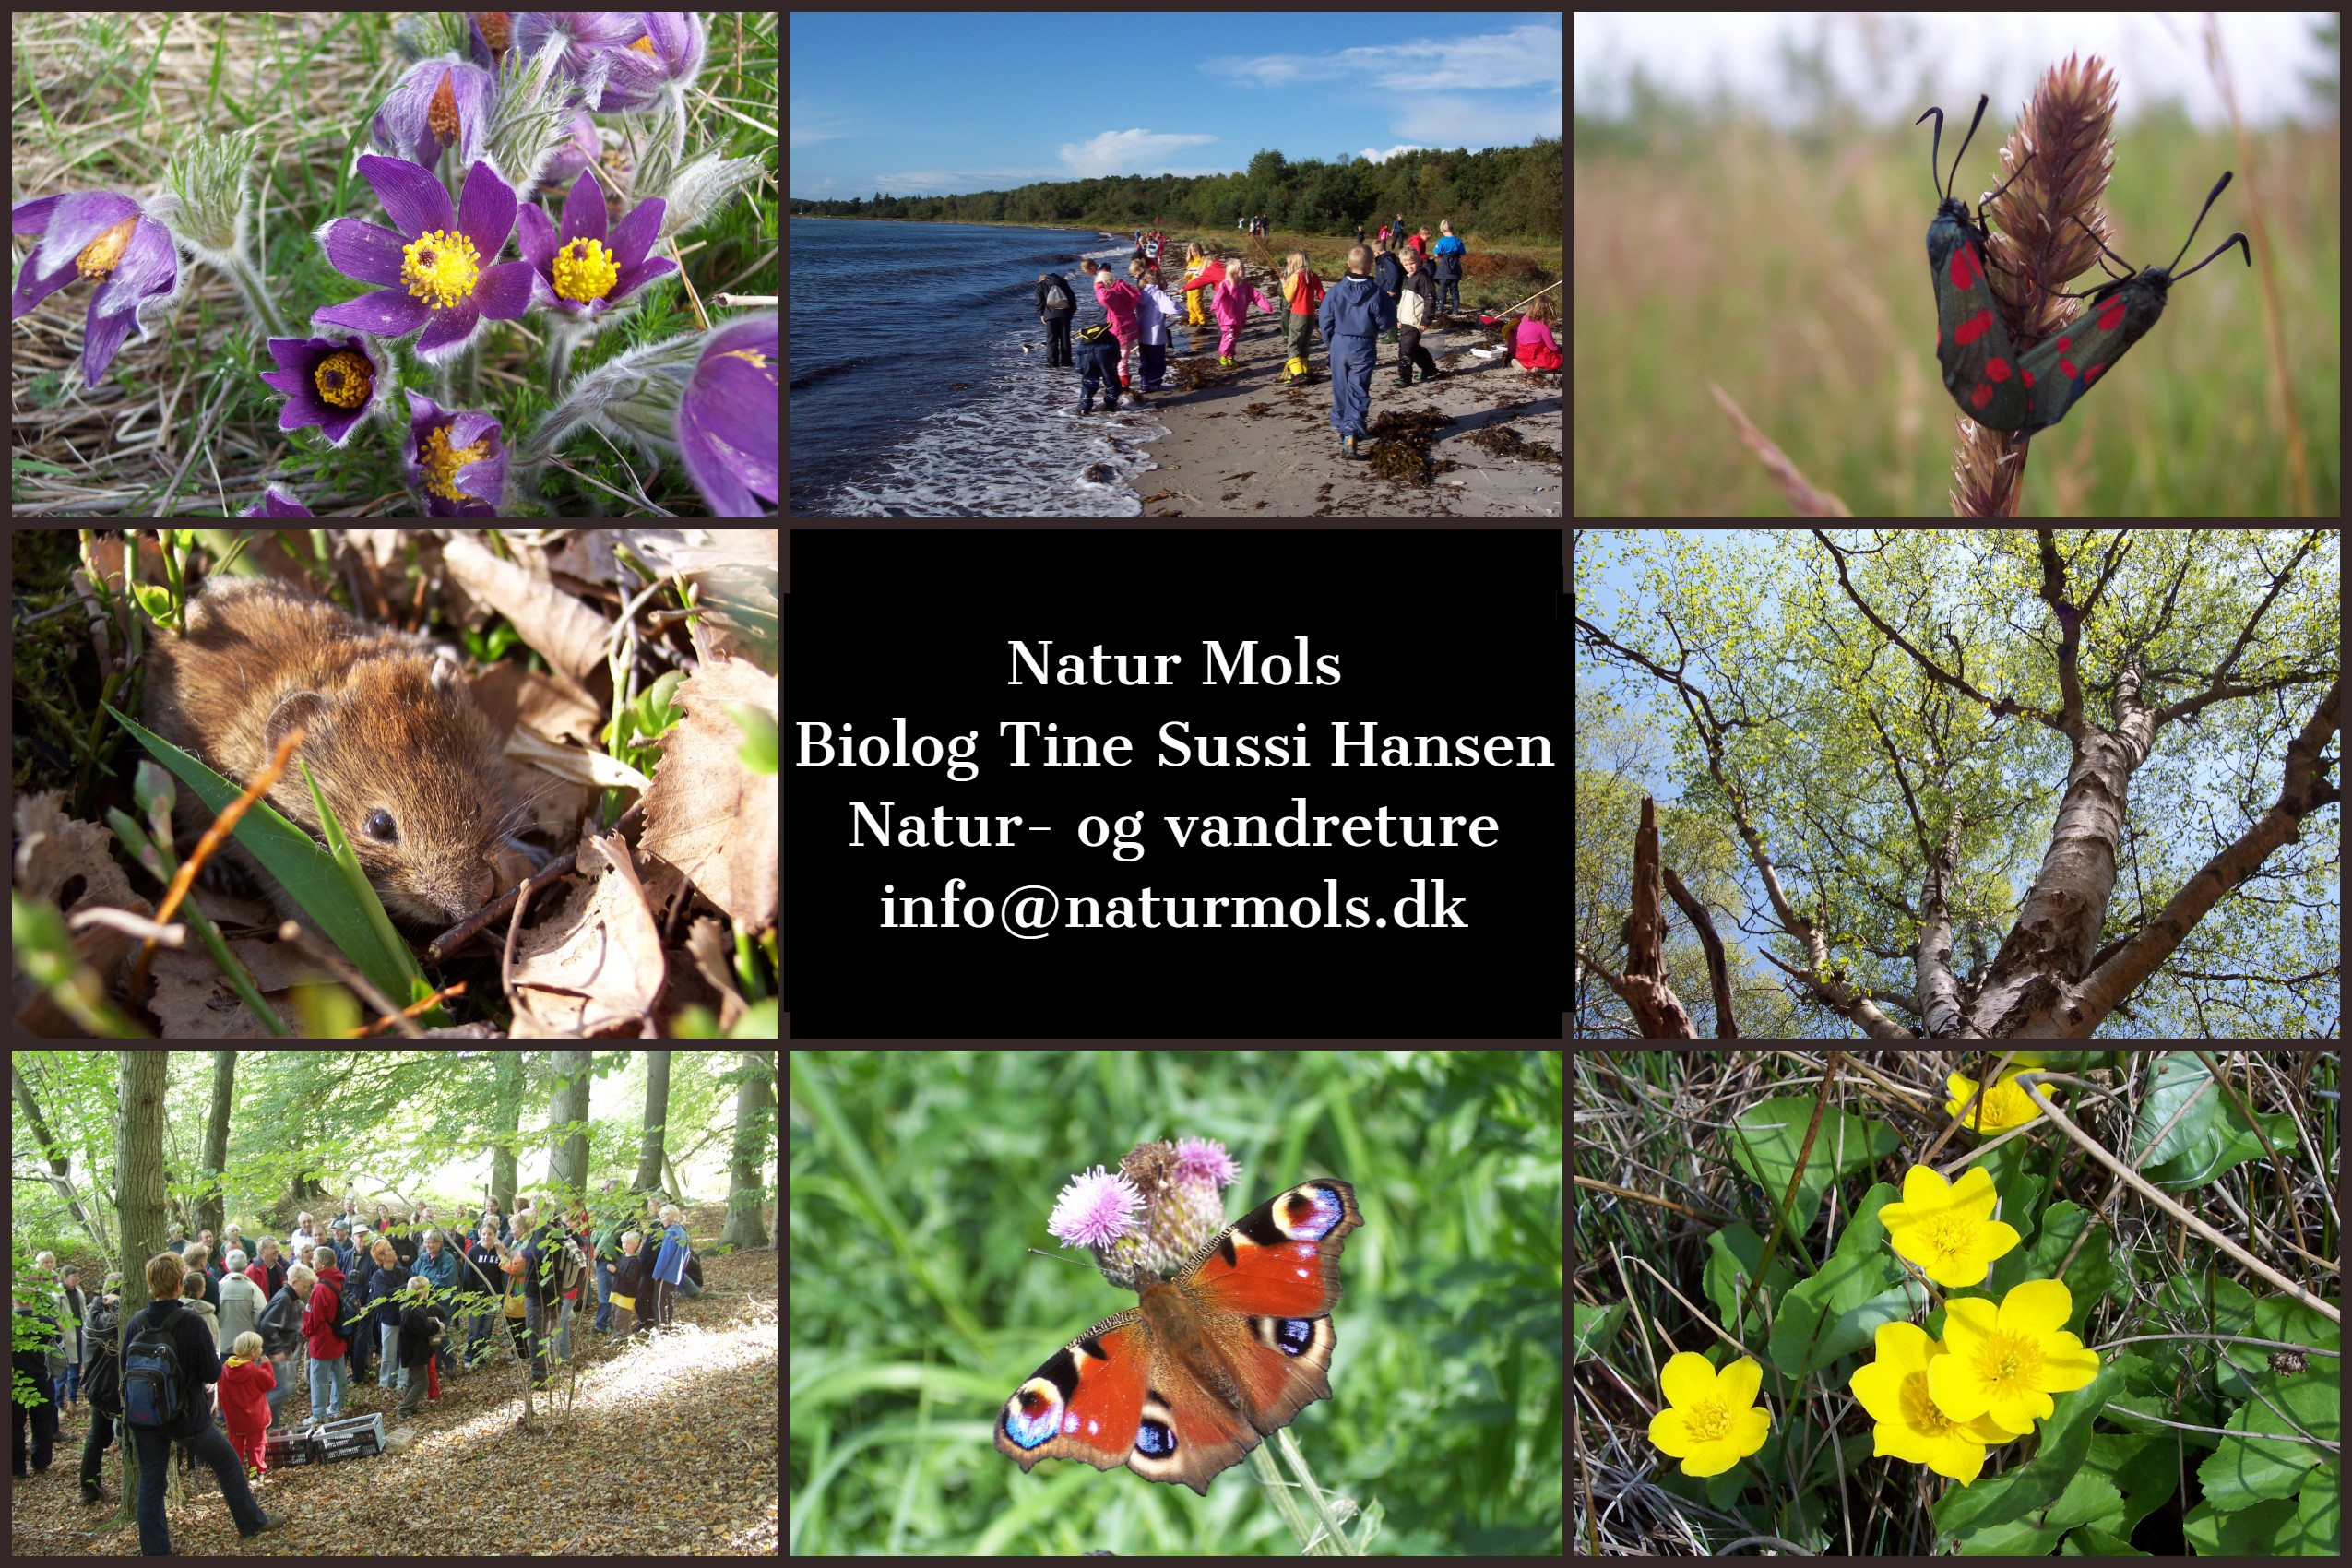 Natur Mols vandreture og naturoplevelser